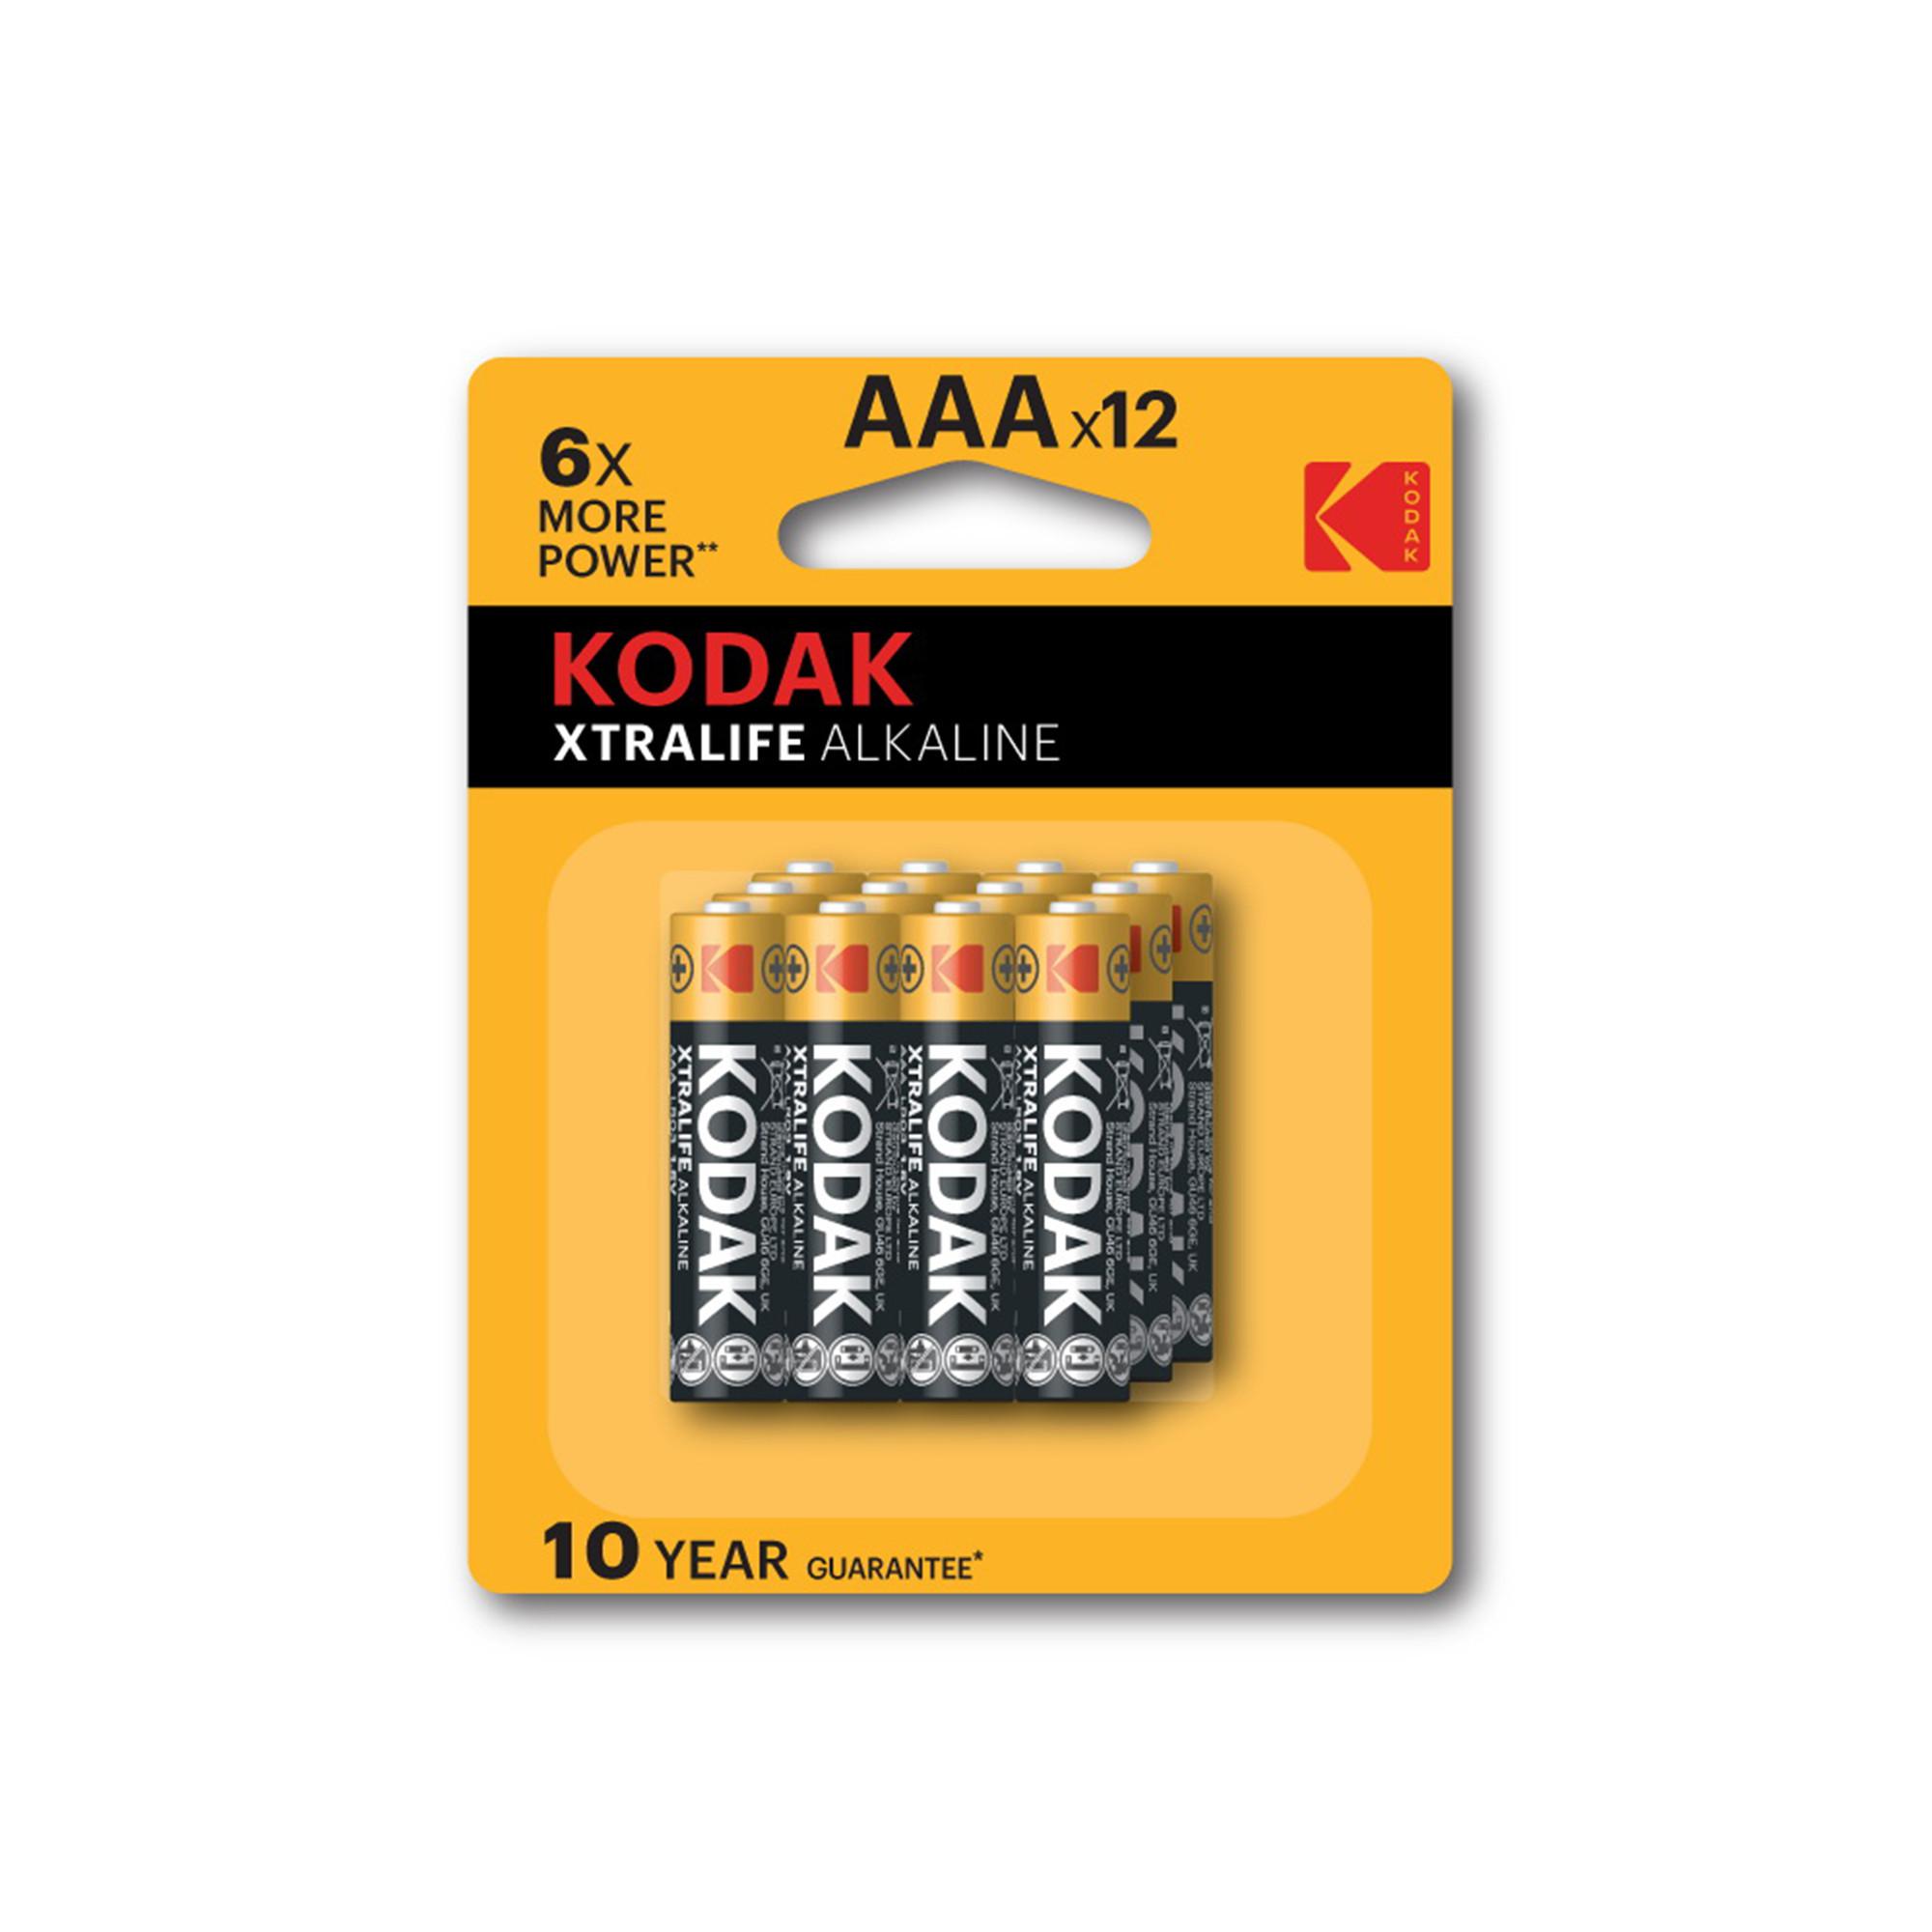 Bộ 12 Pin Kodak Alkaline AAA UBL IB0221